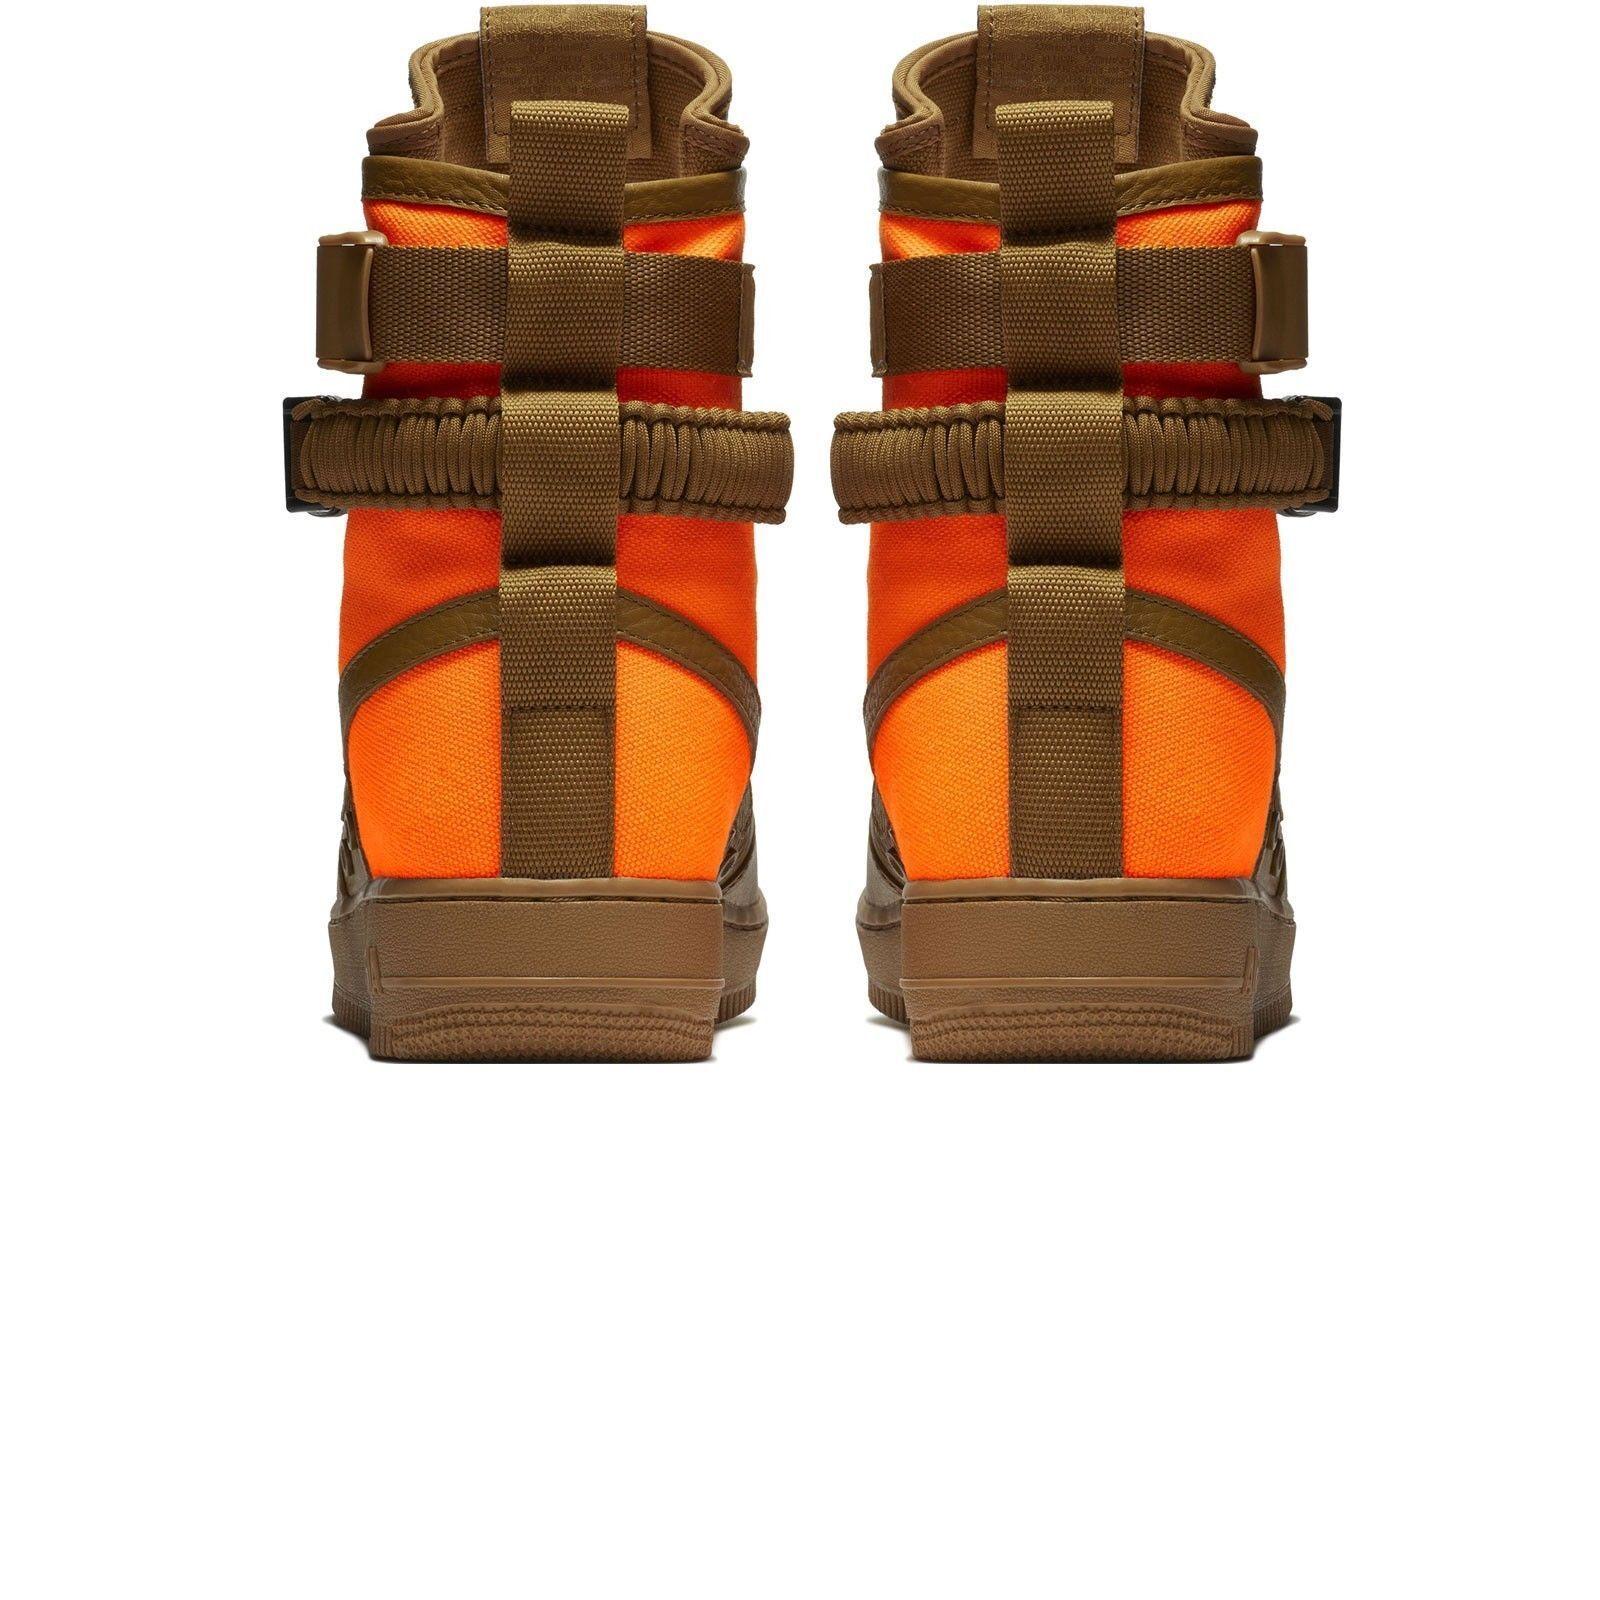 Nike speciale campo air force force force 1 hi sf af1 qs stivali (903270-778) | Prima classe nella sua classe  | Uomini/Donne Scarpa  dde3b0